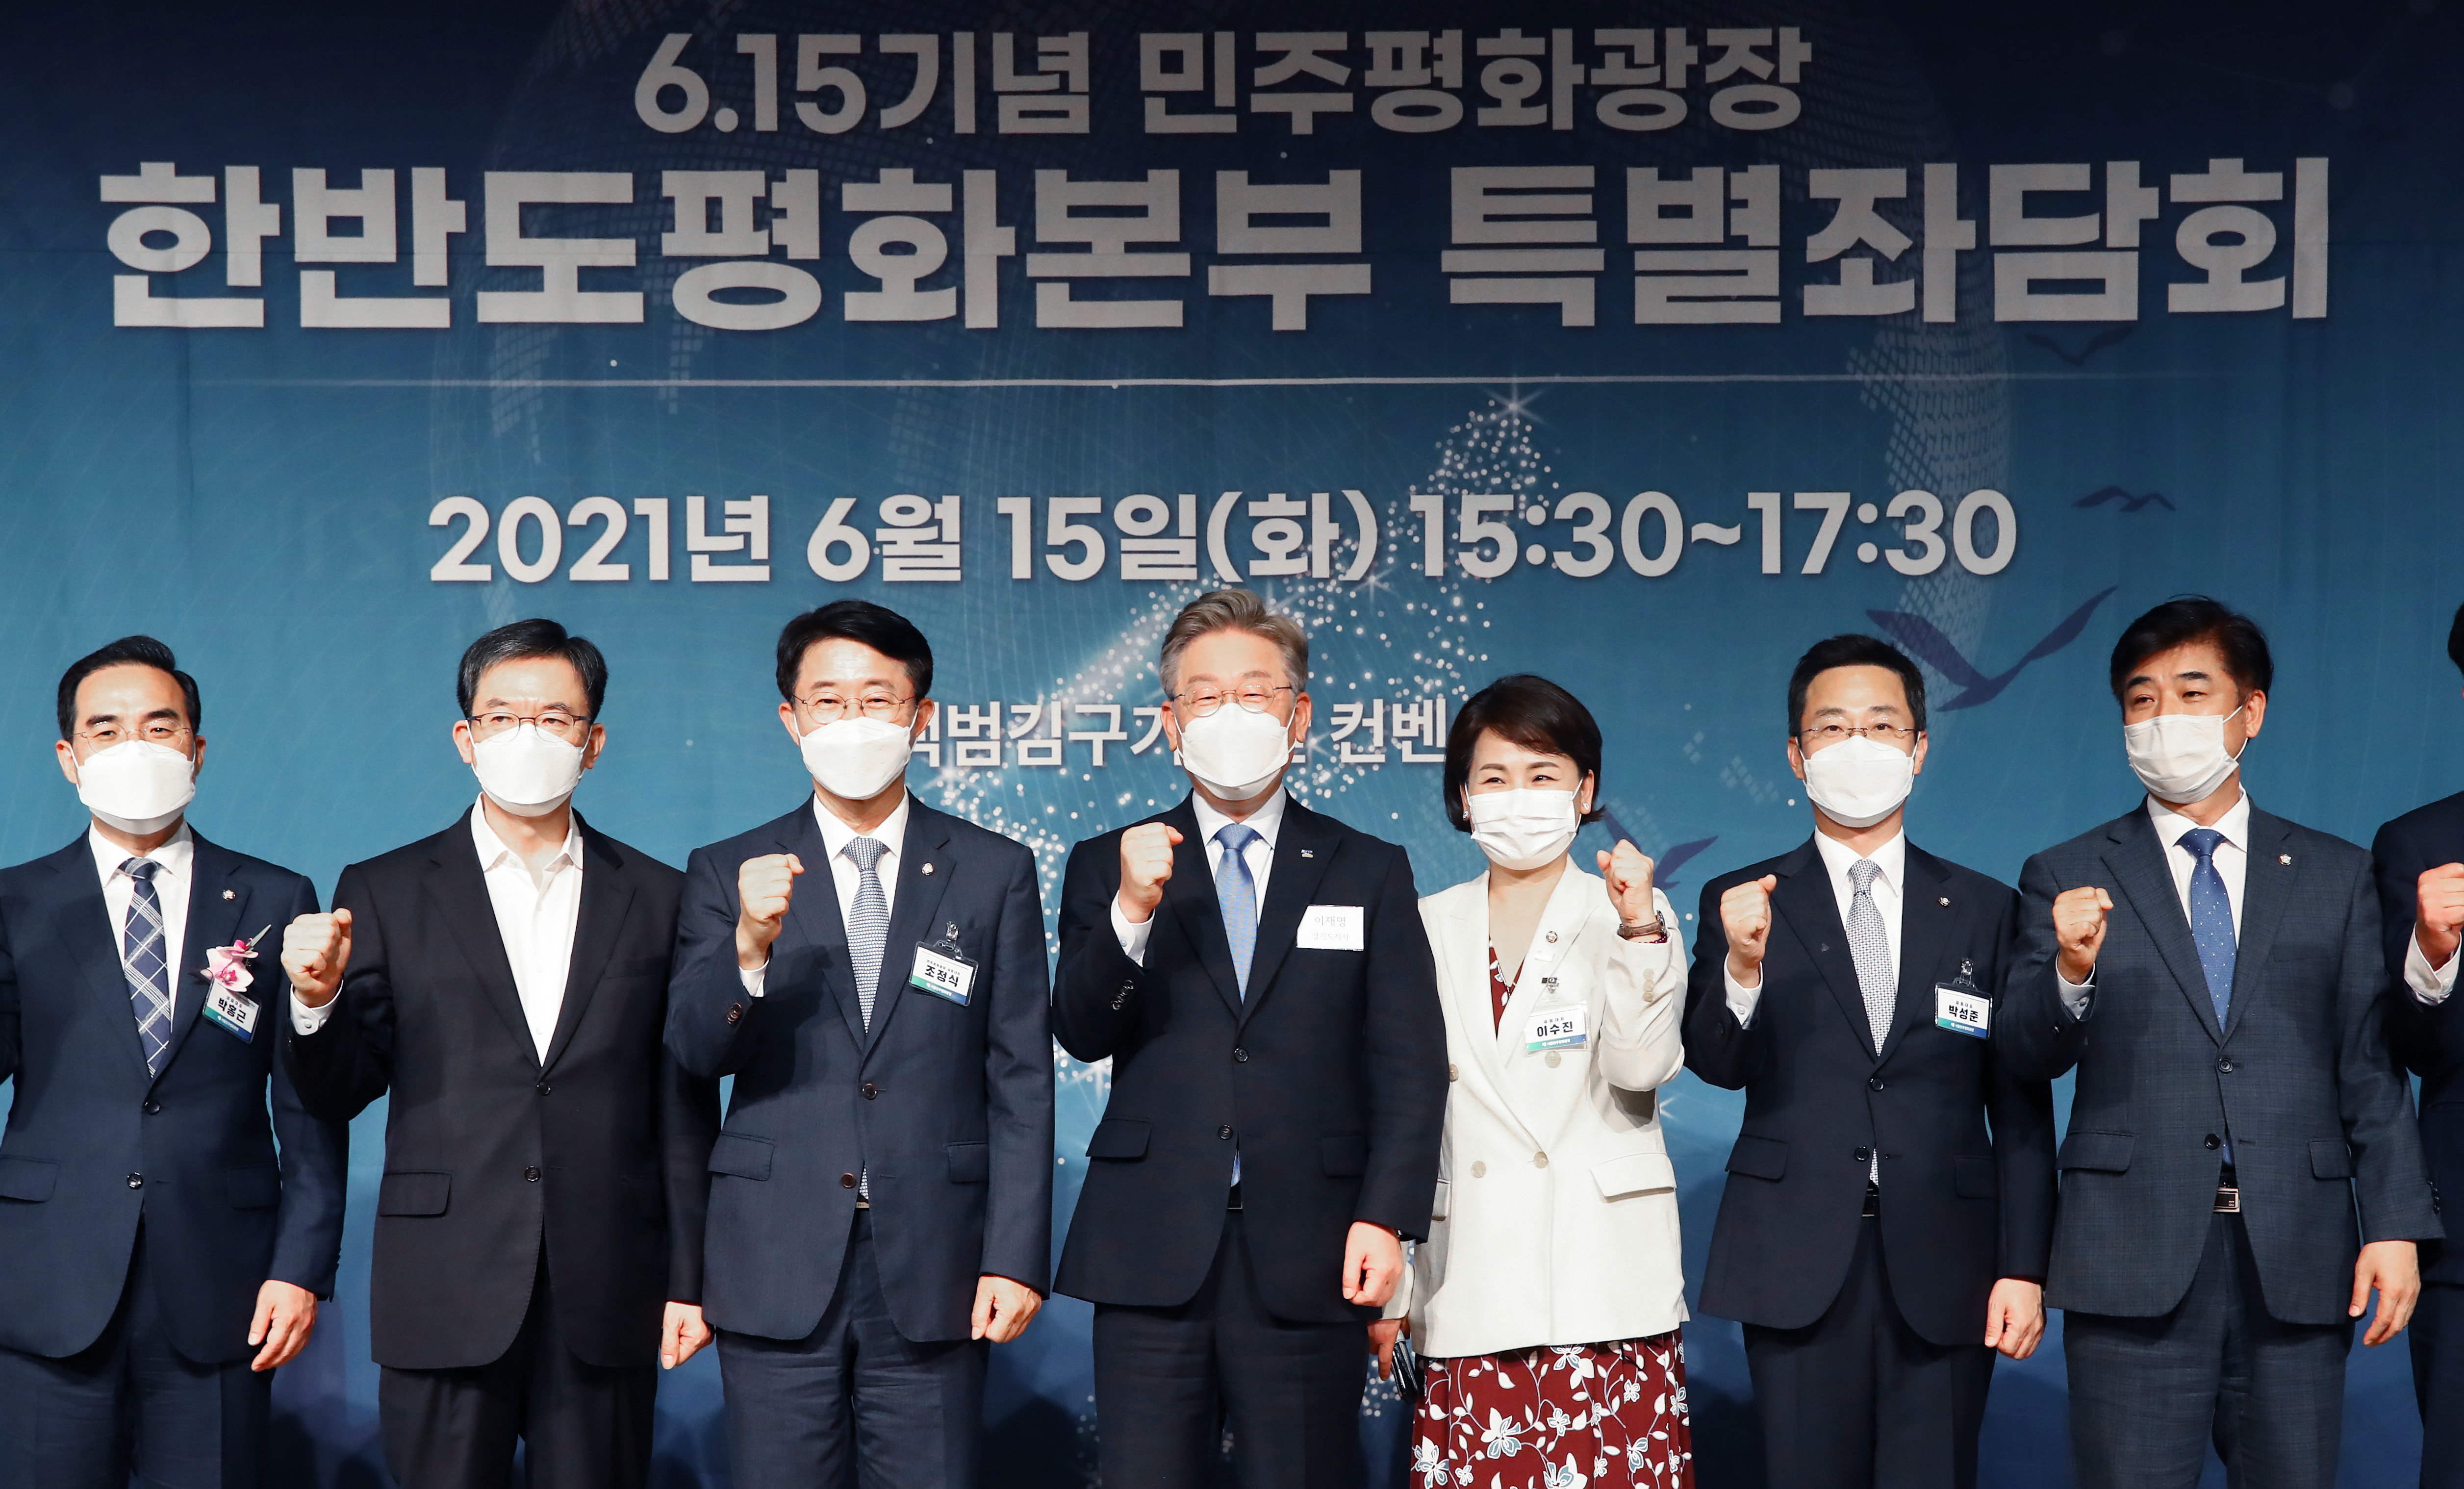 이재명 지사 공식 지지모임 '민주평화광장' 출범